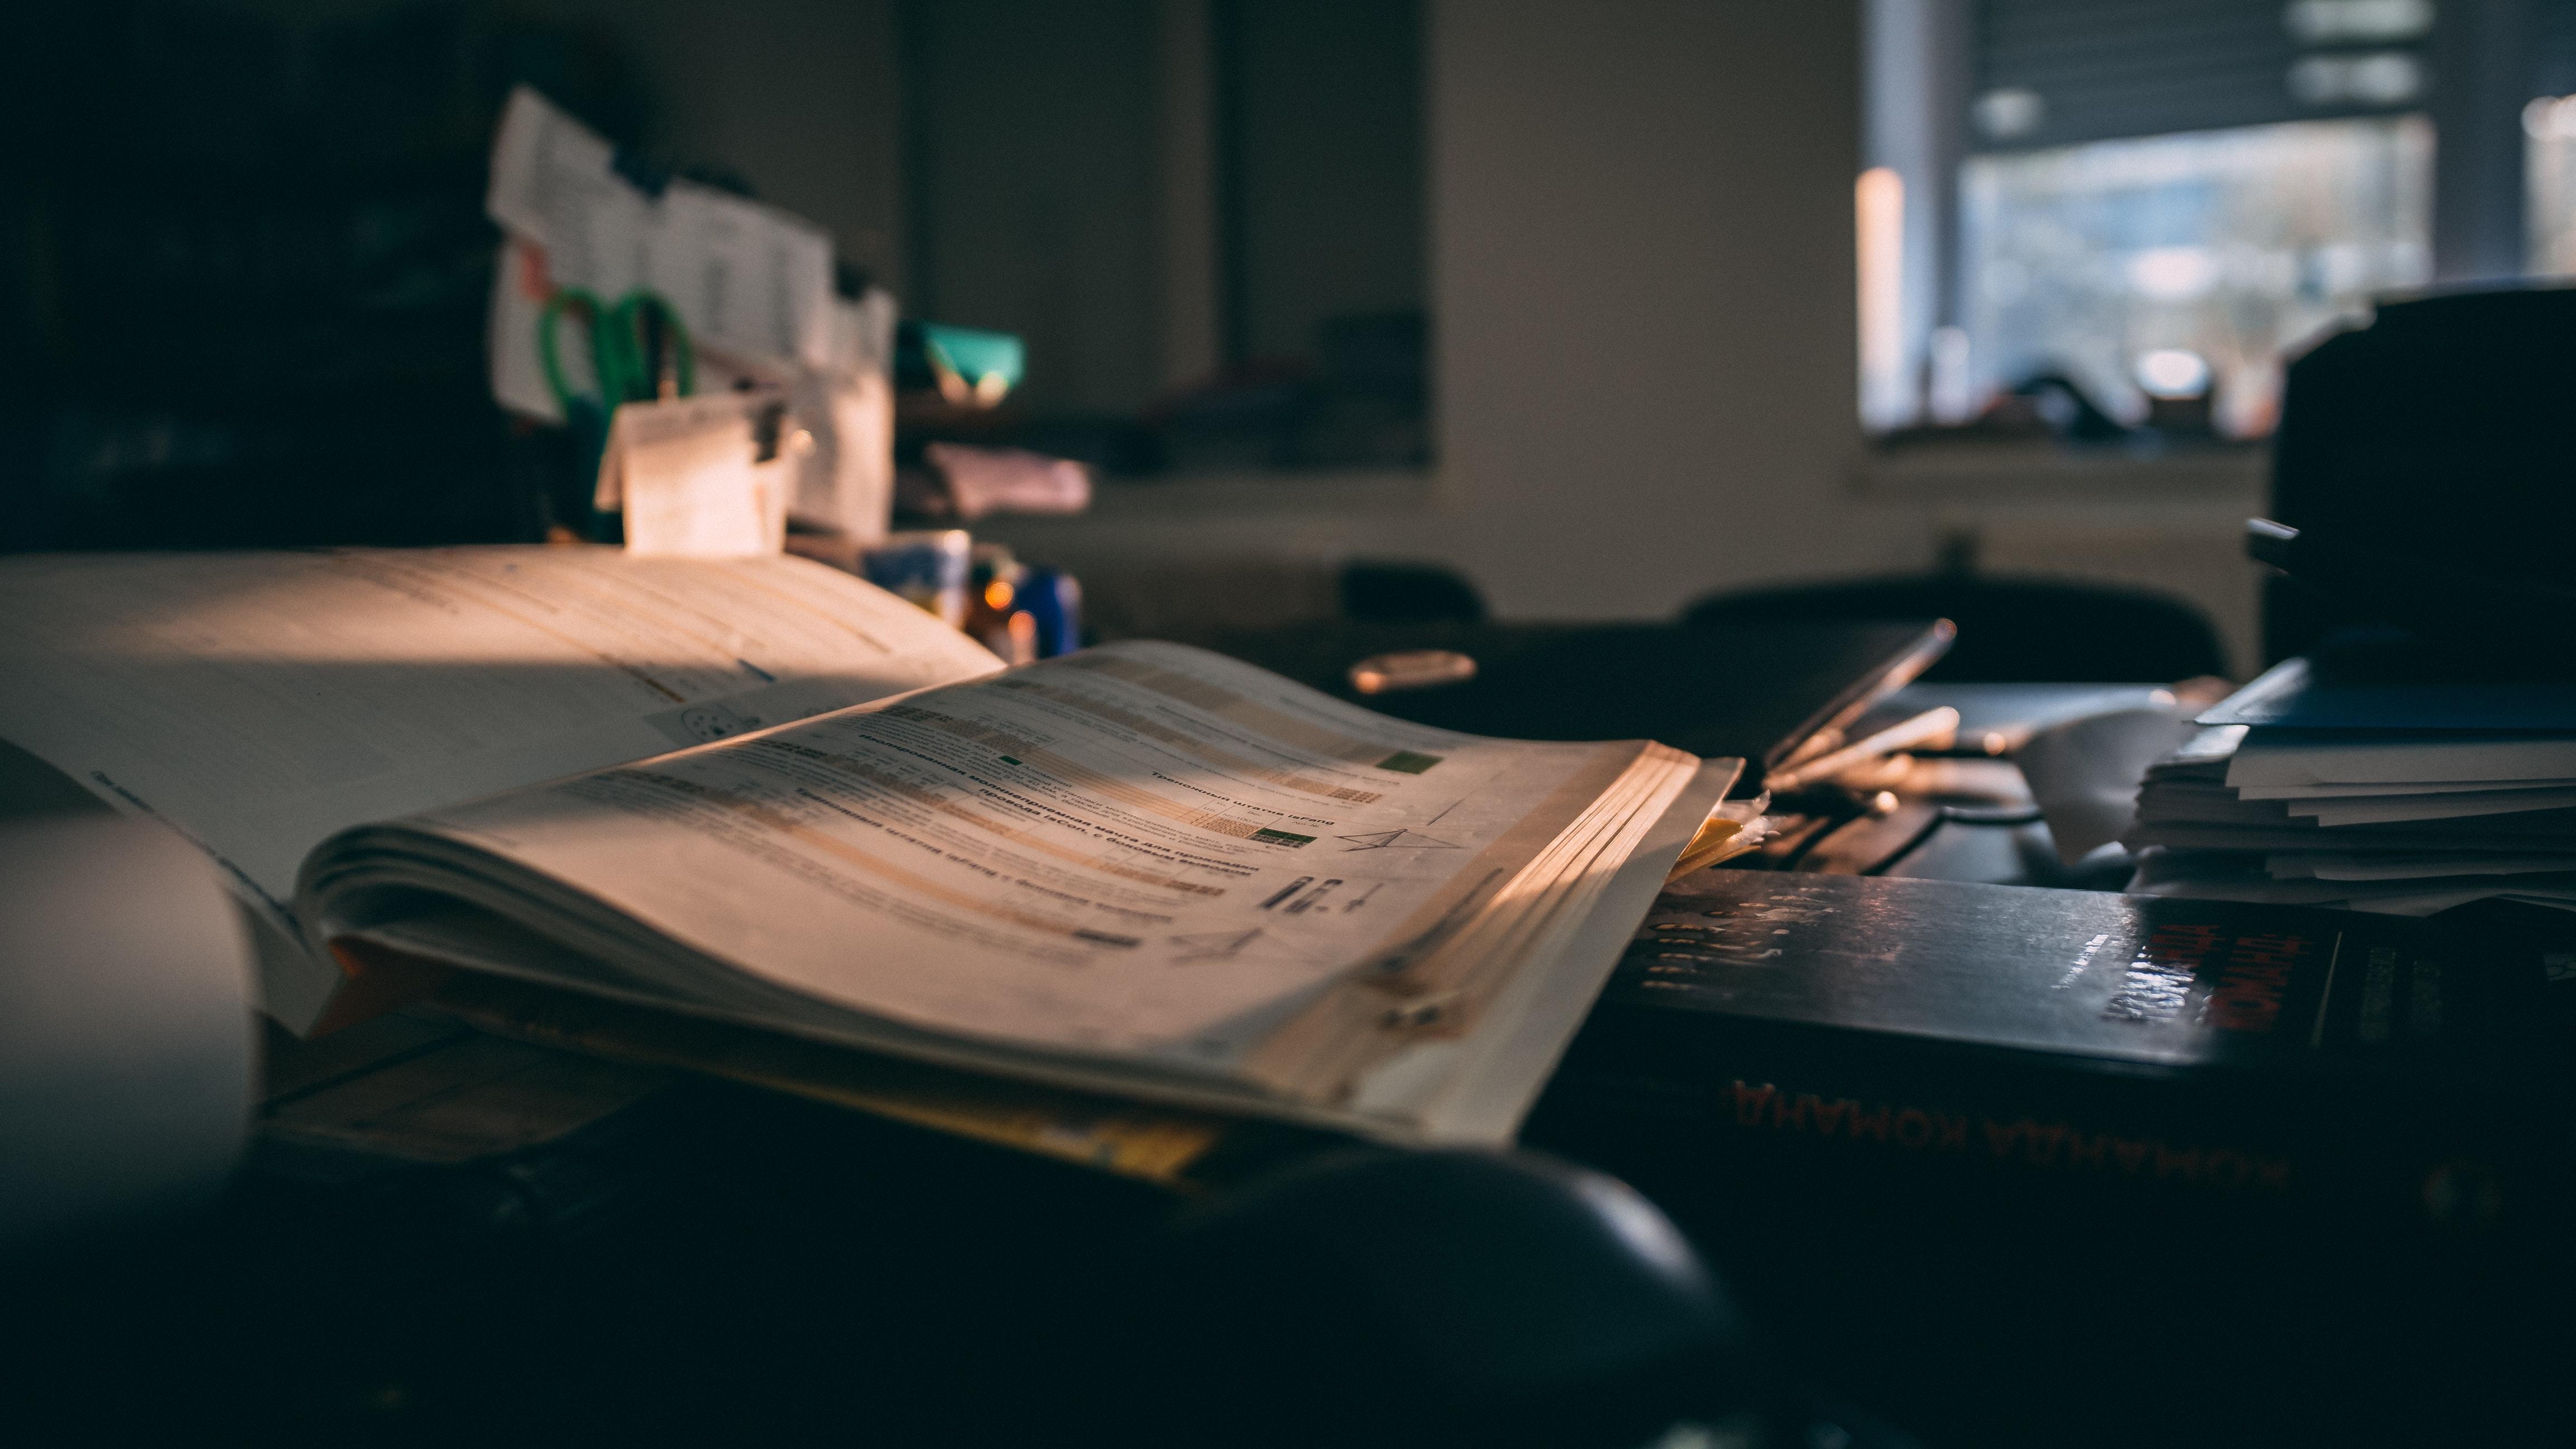 Programa de gestión documental: ¿cuándo implantarlo?